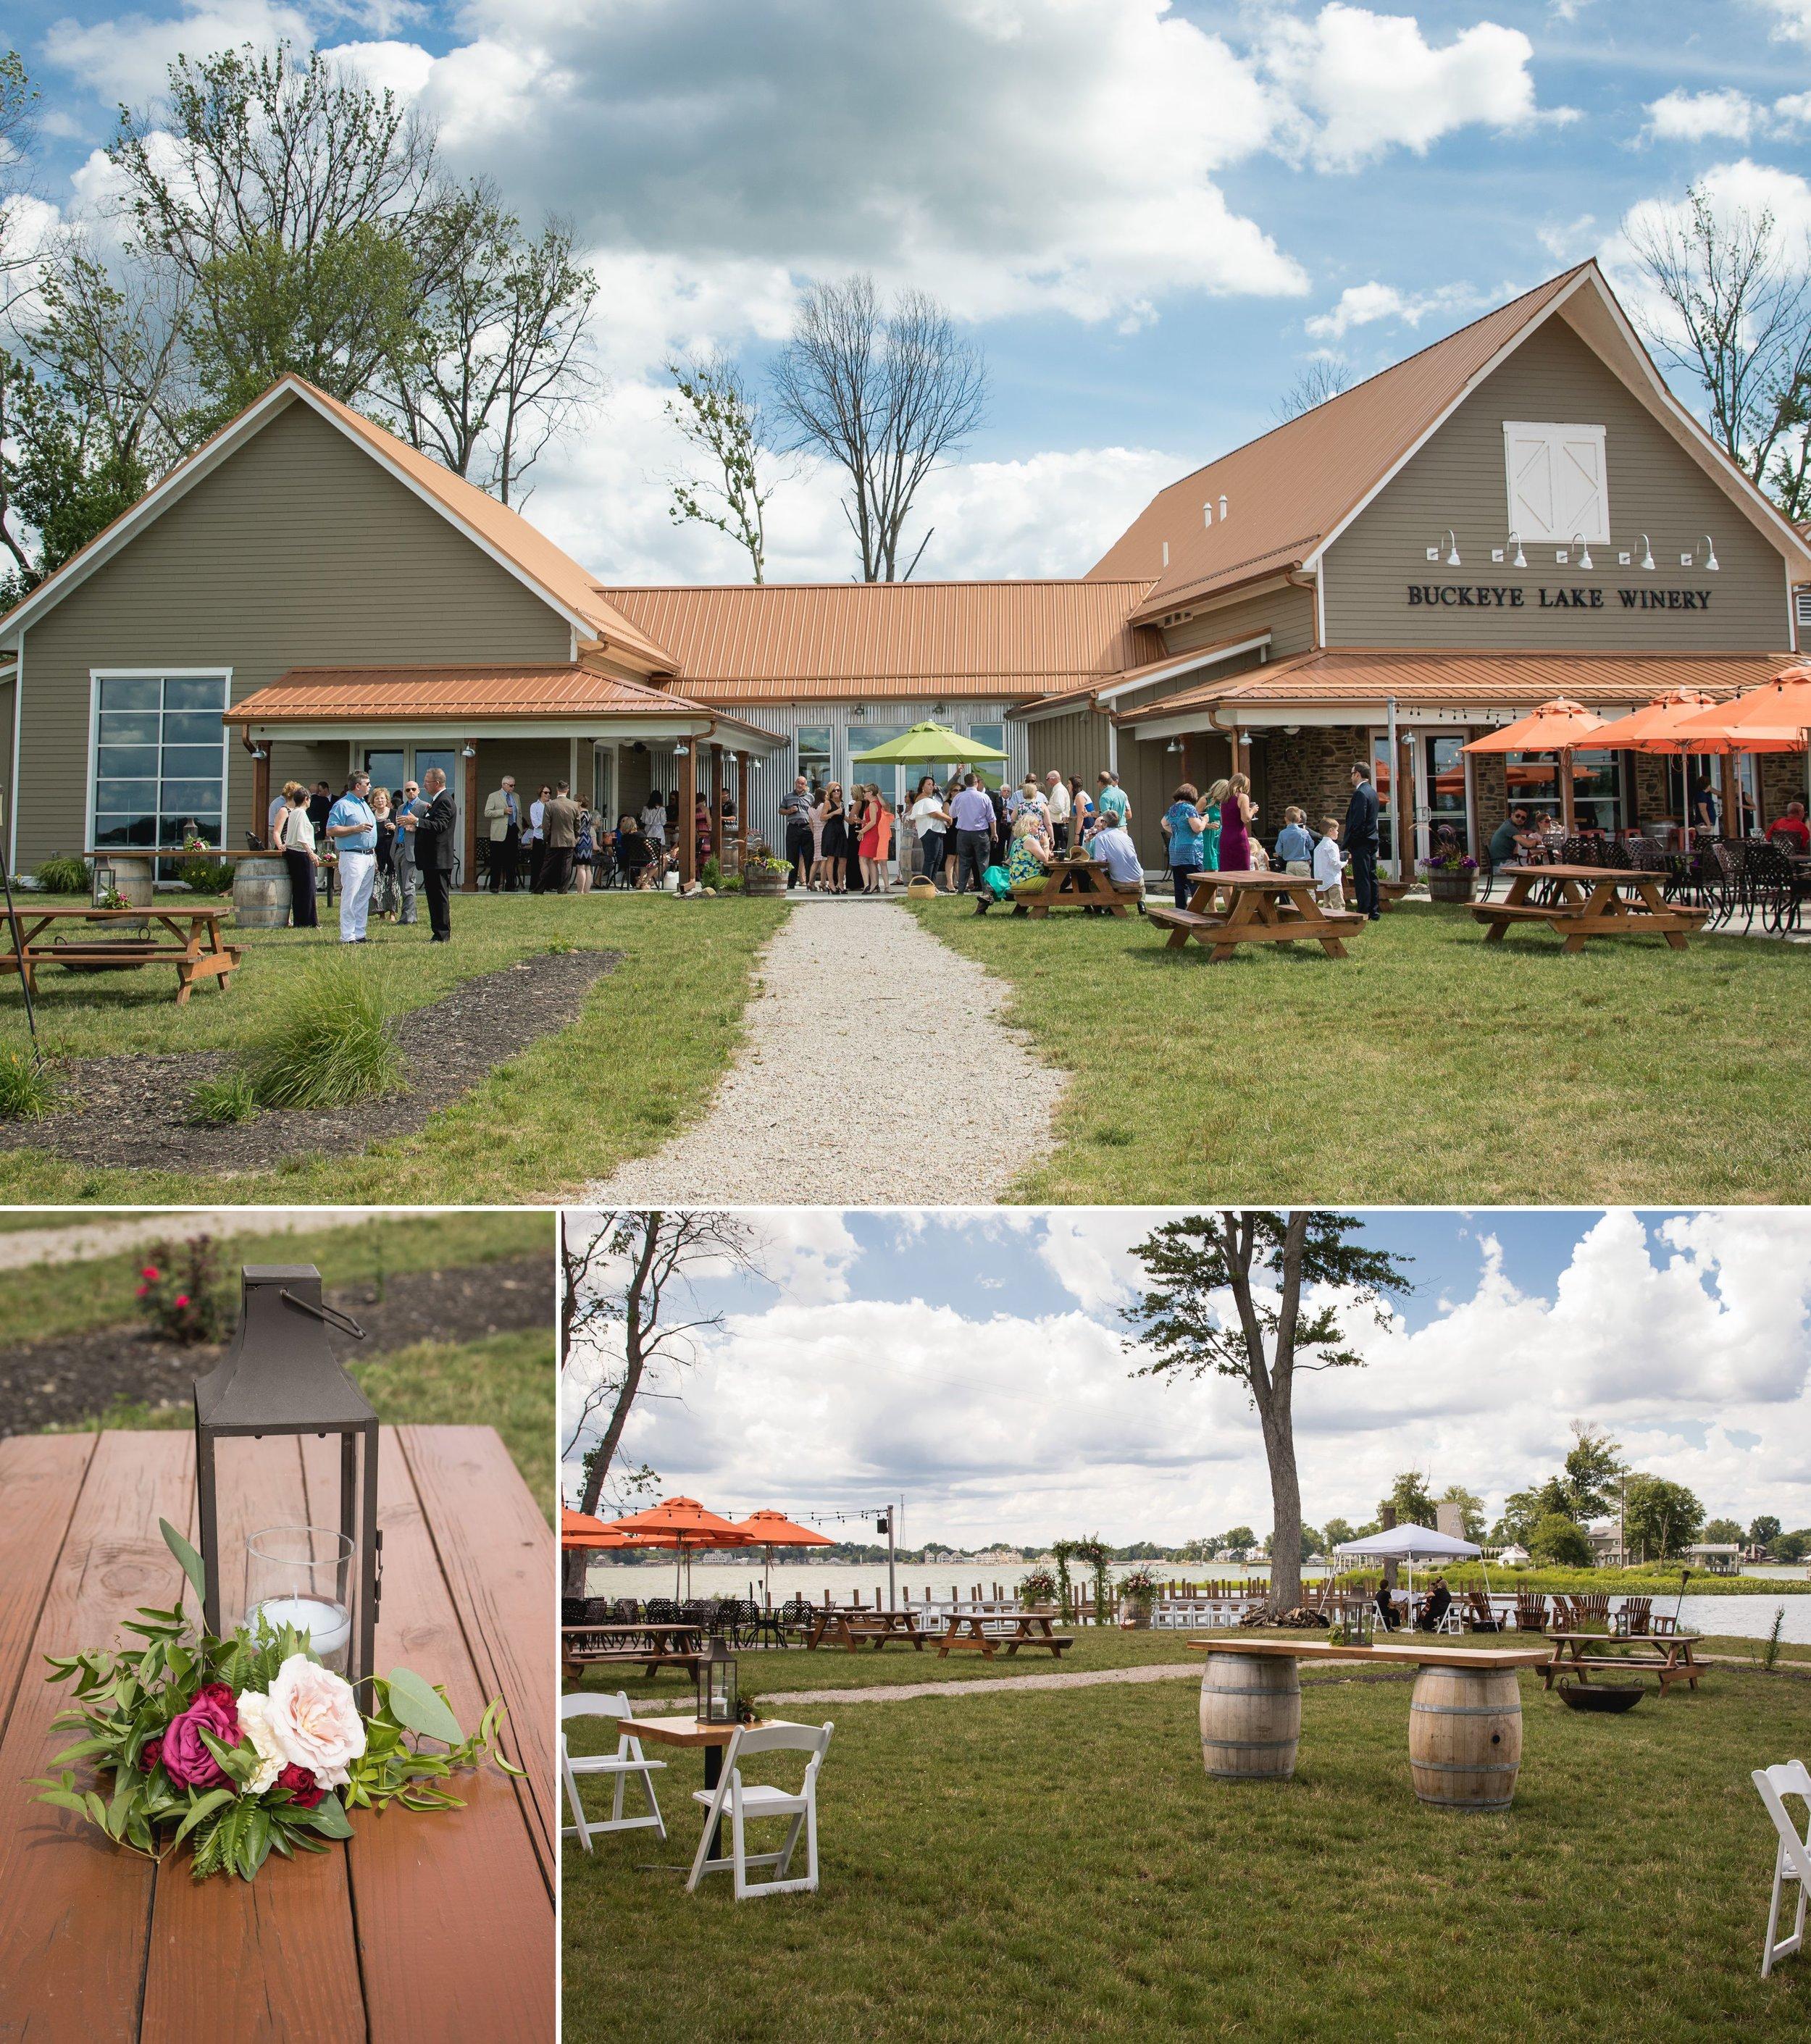 015-Buckeye-lake-winery-wedding-venue-columbus-ohio-wedding-muschlitz-photography-01.JPG